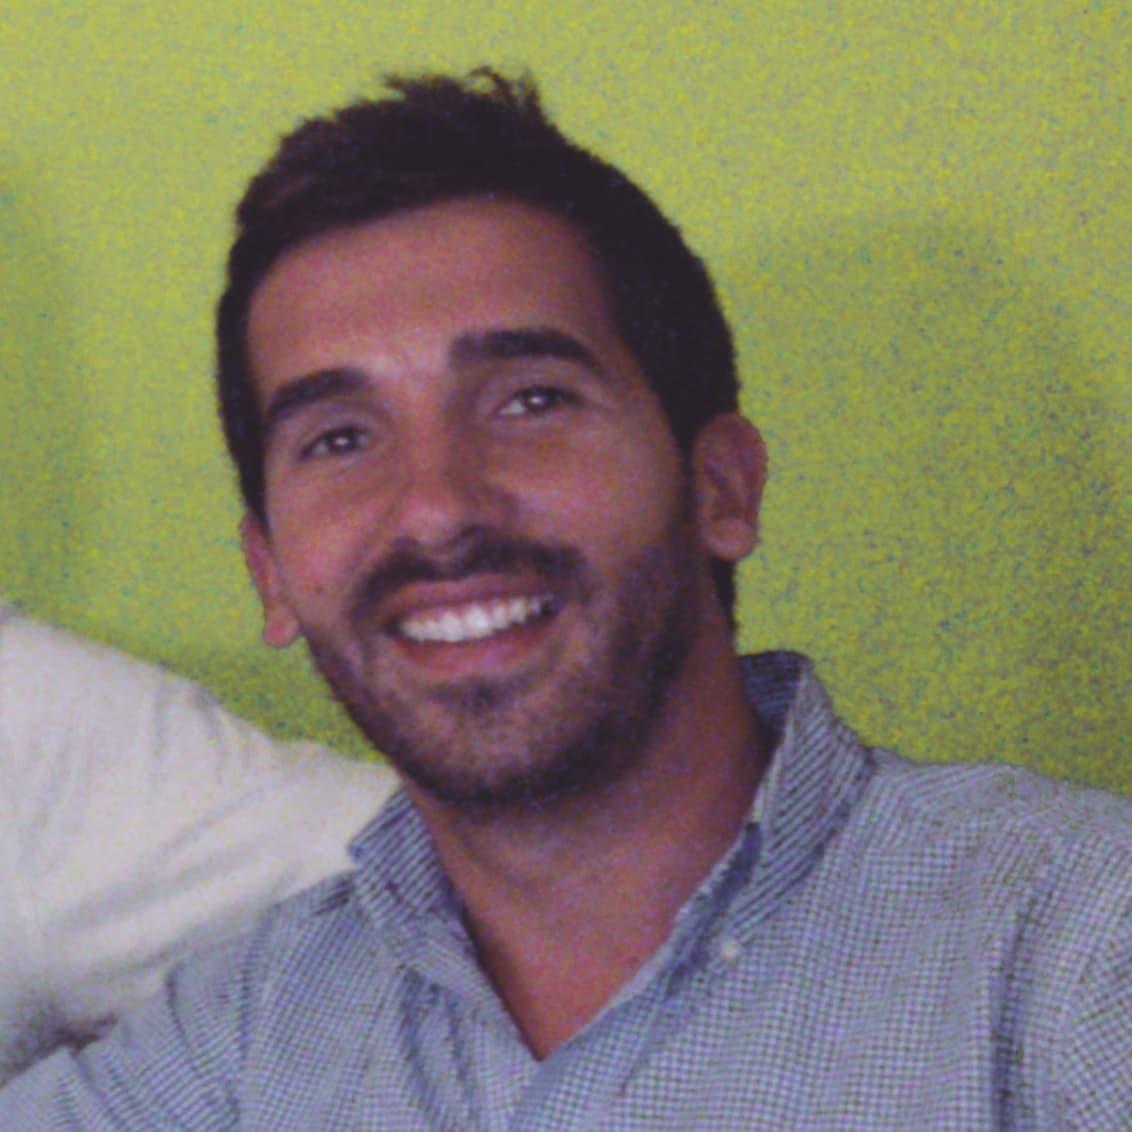 João from Viana do Castelo